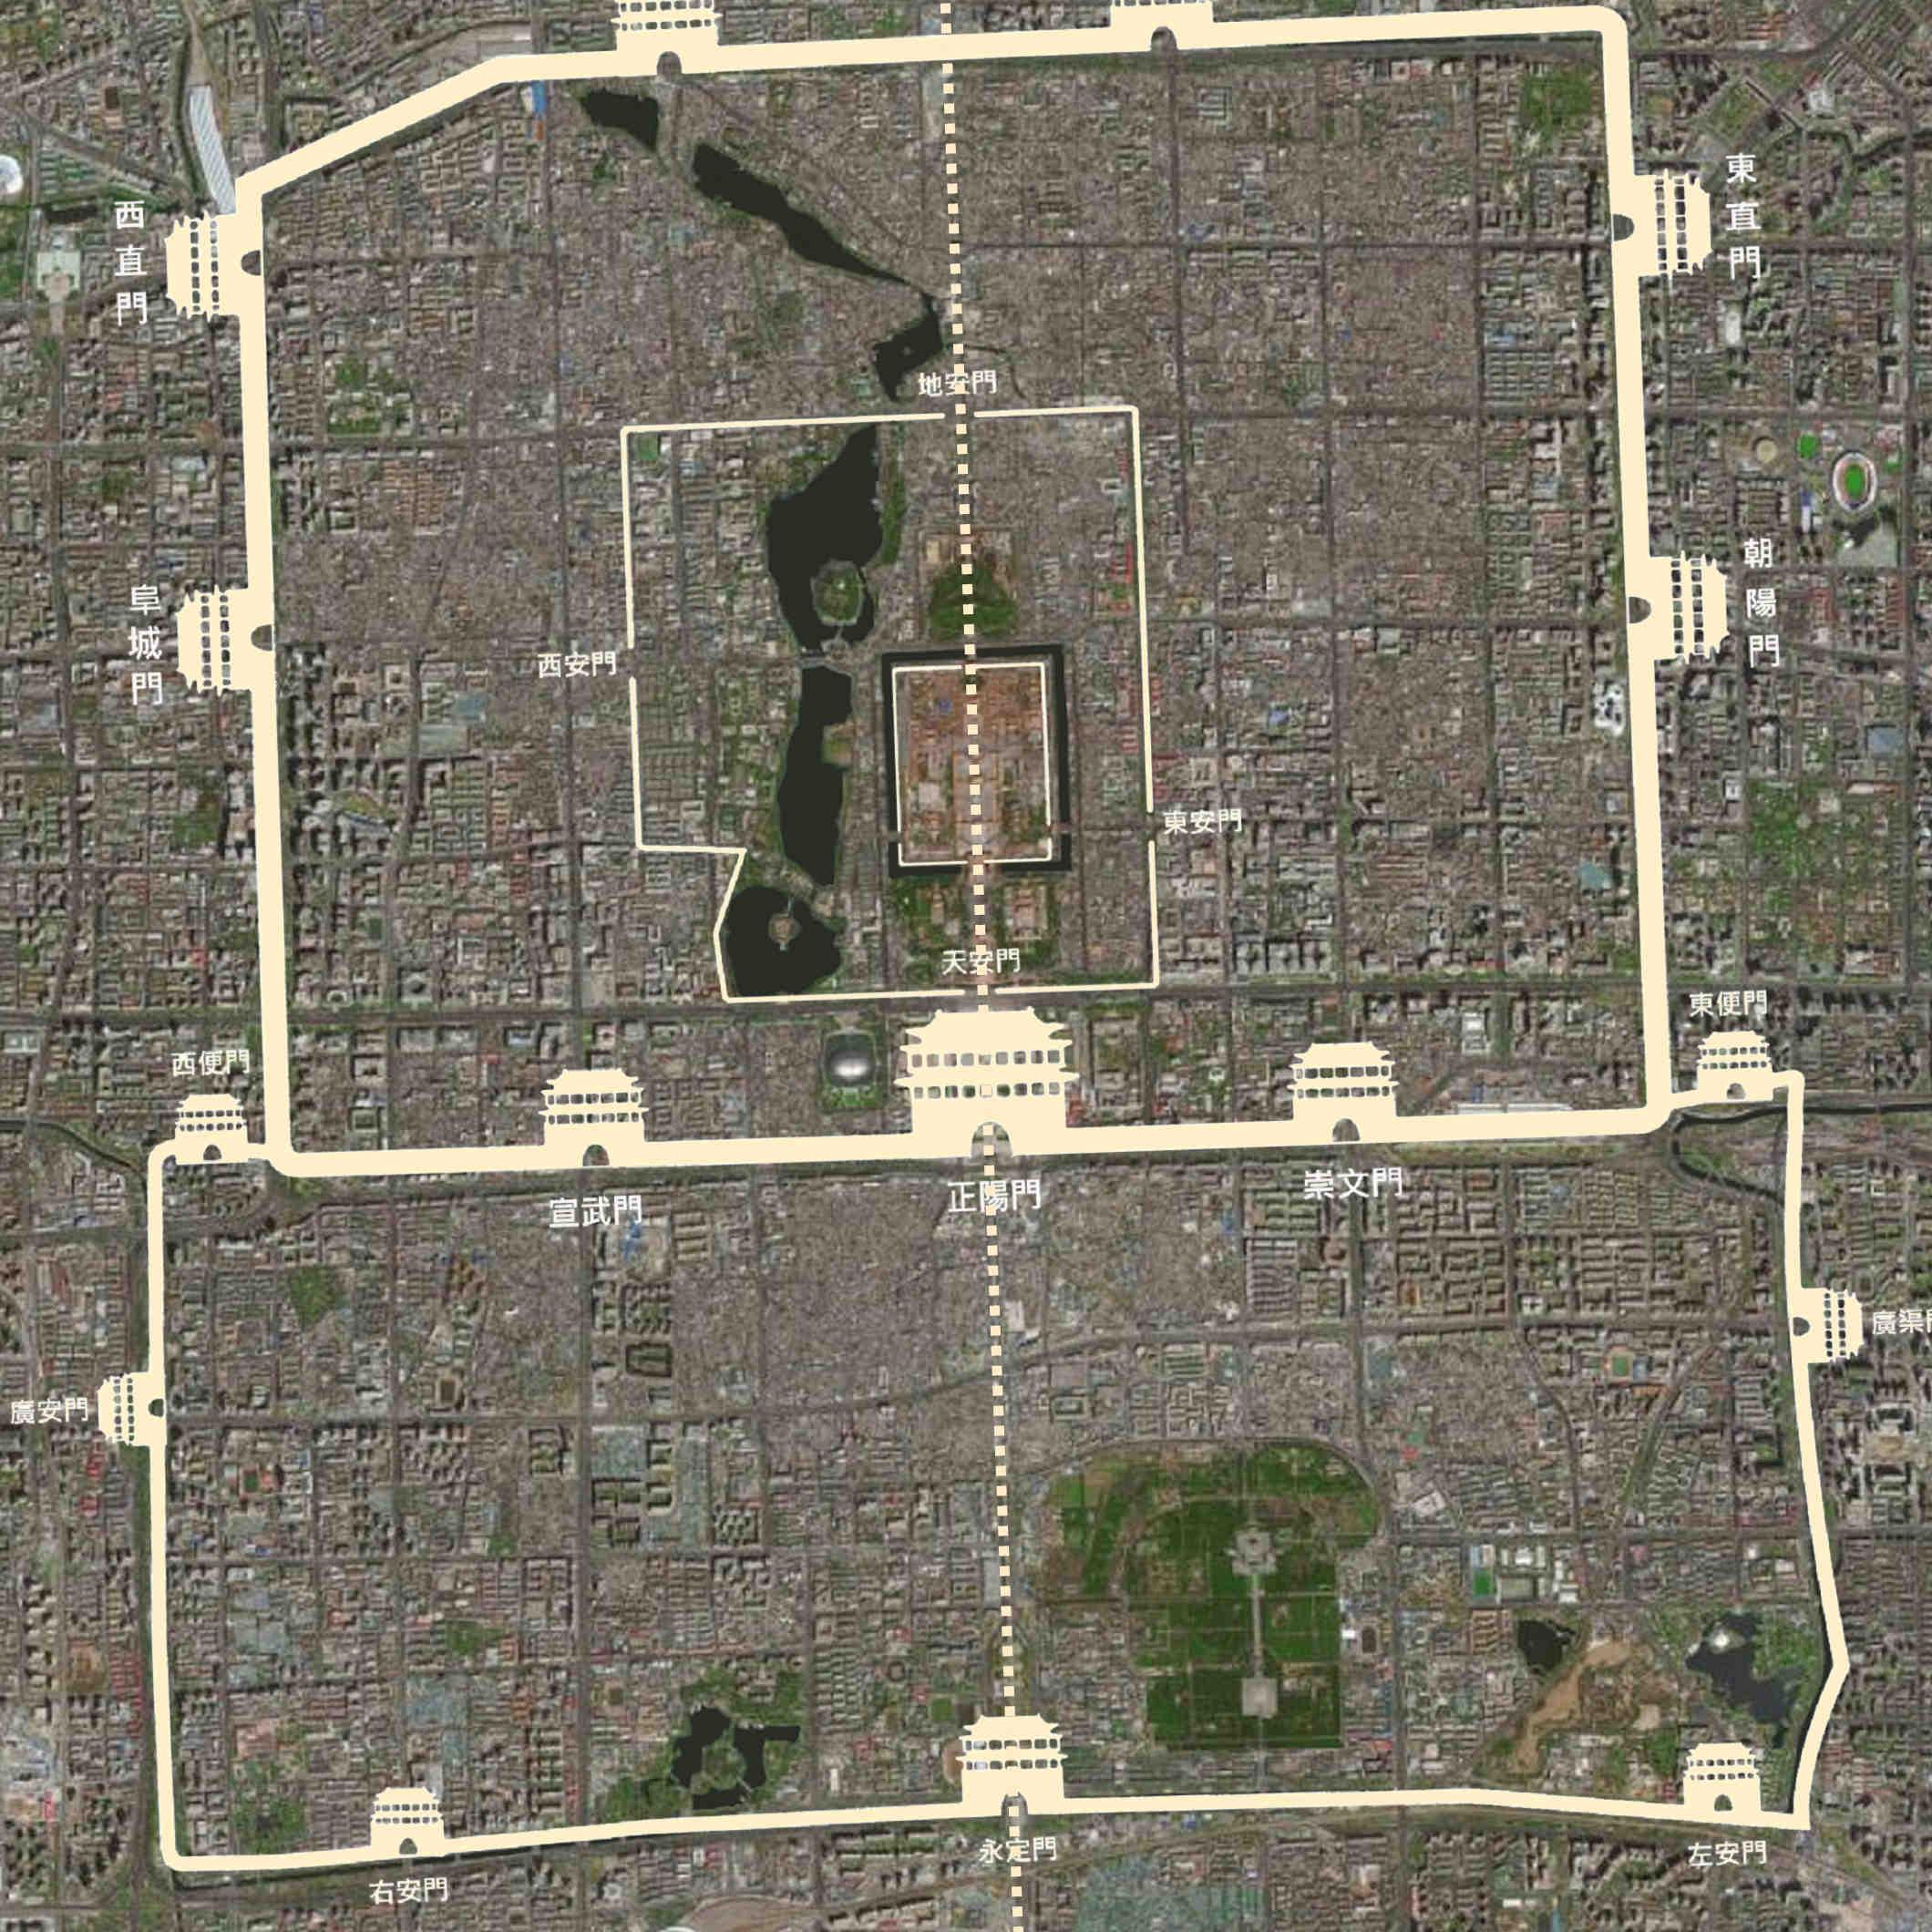 北京中軸線,南北貫穿老北京城的中心(圖為凸字形的老北京城衛星空照,與北京中軸線)。